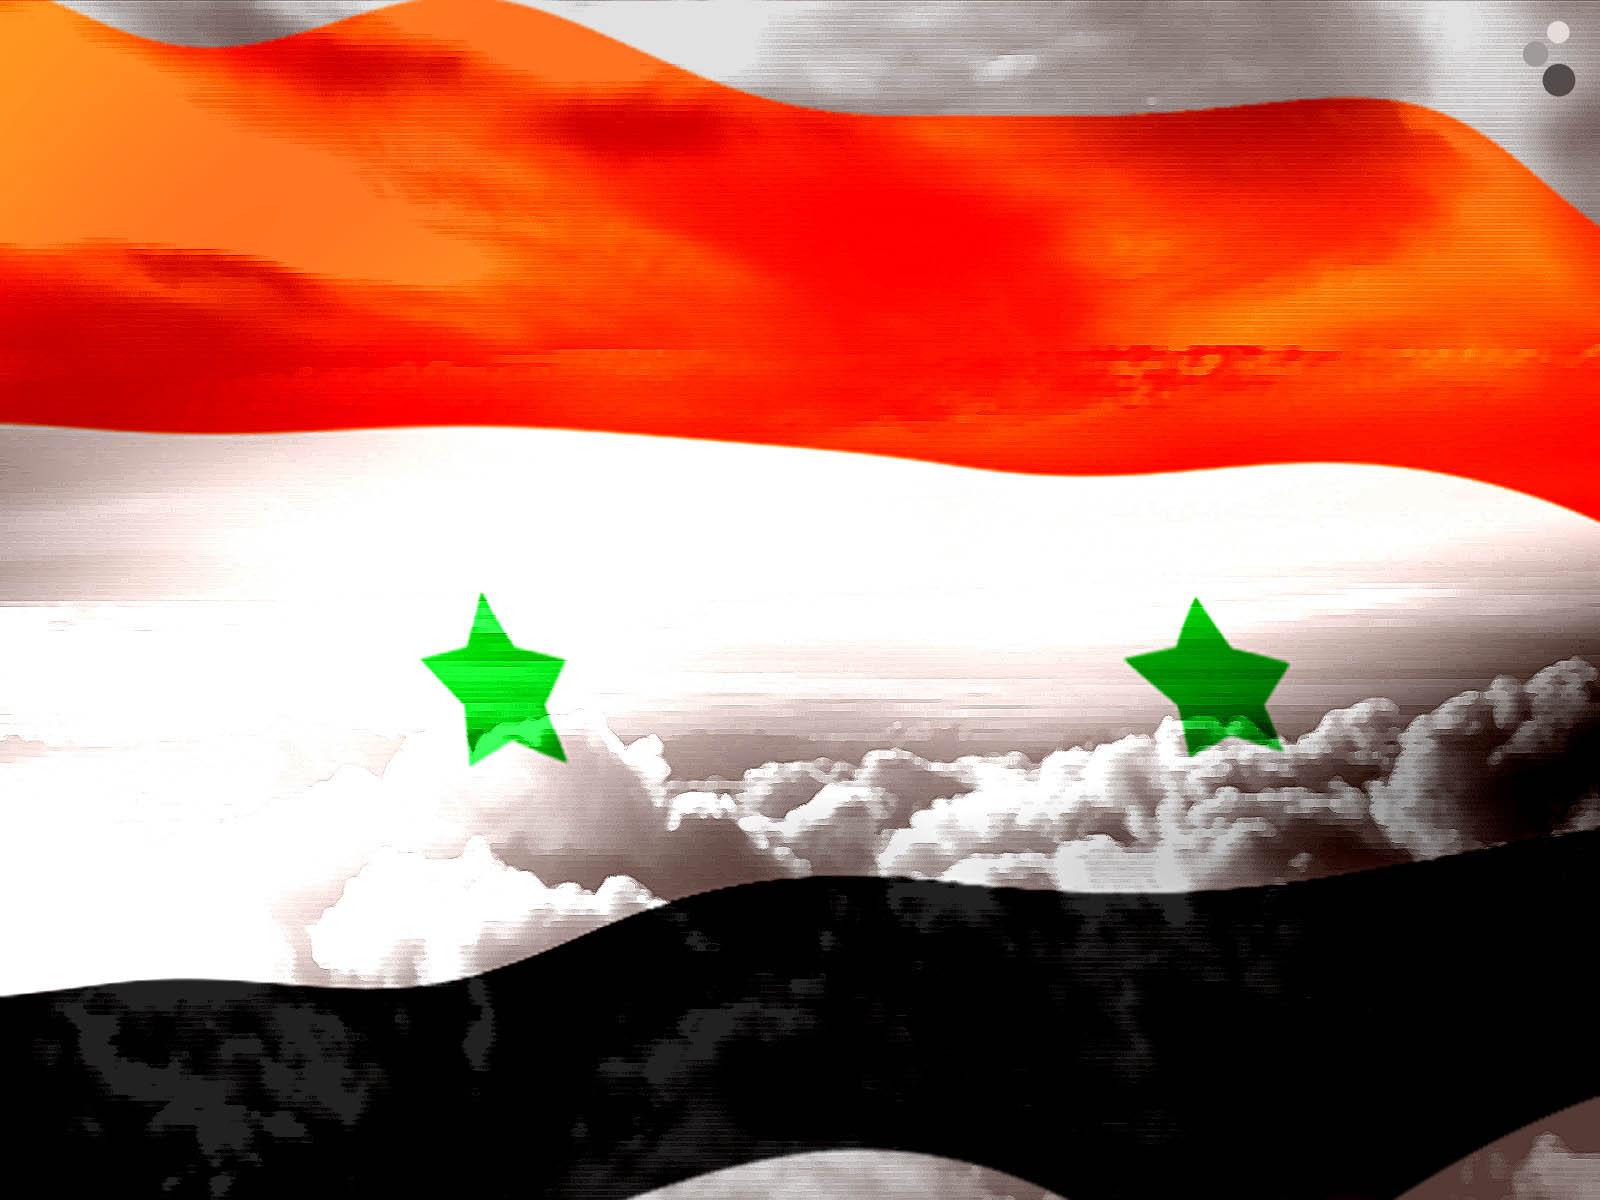 بالصور صور علم سوريا ,  اجمل الصور لعلم وطن سوريا 20160629 32